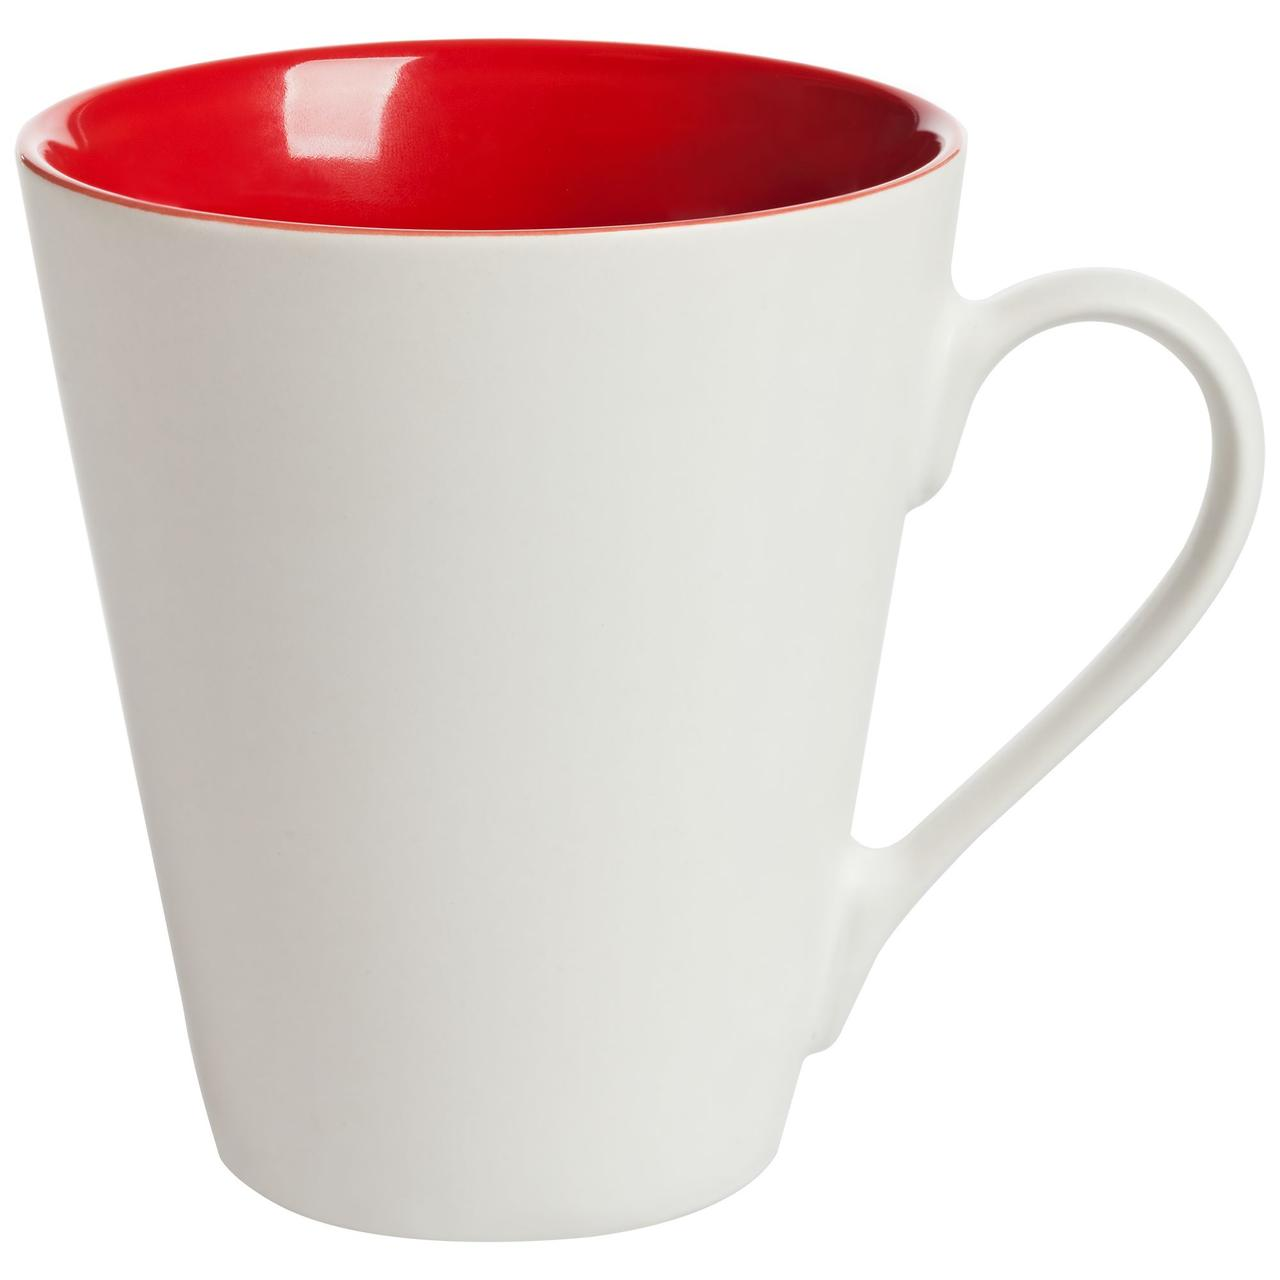 Кружка New Bell матовая, белая с красным (артикул 64811.50)